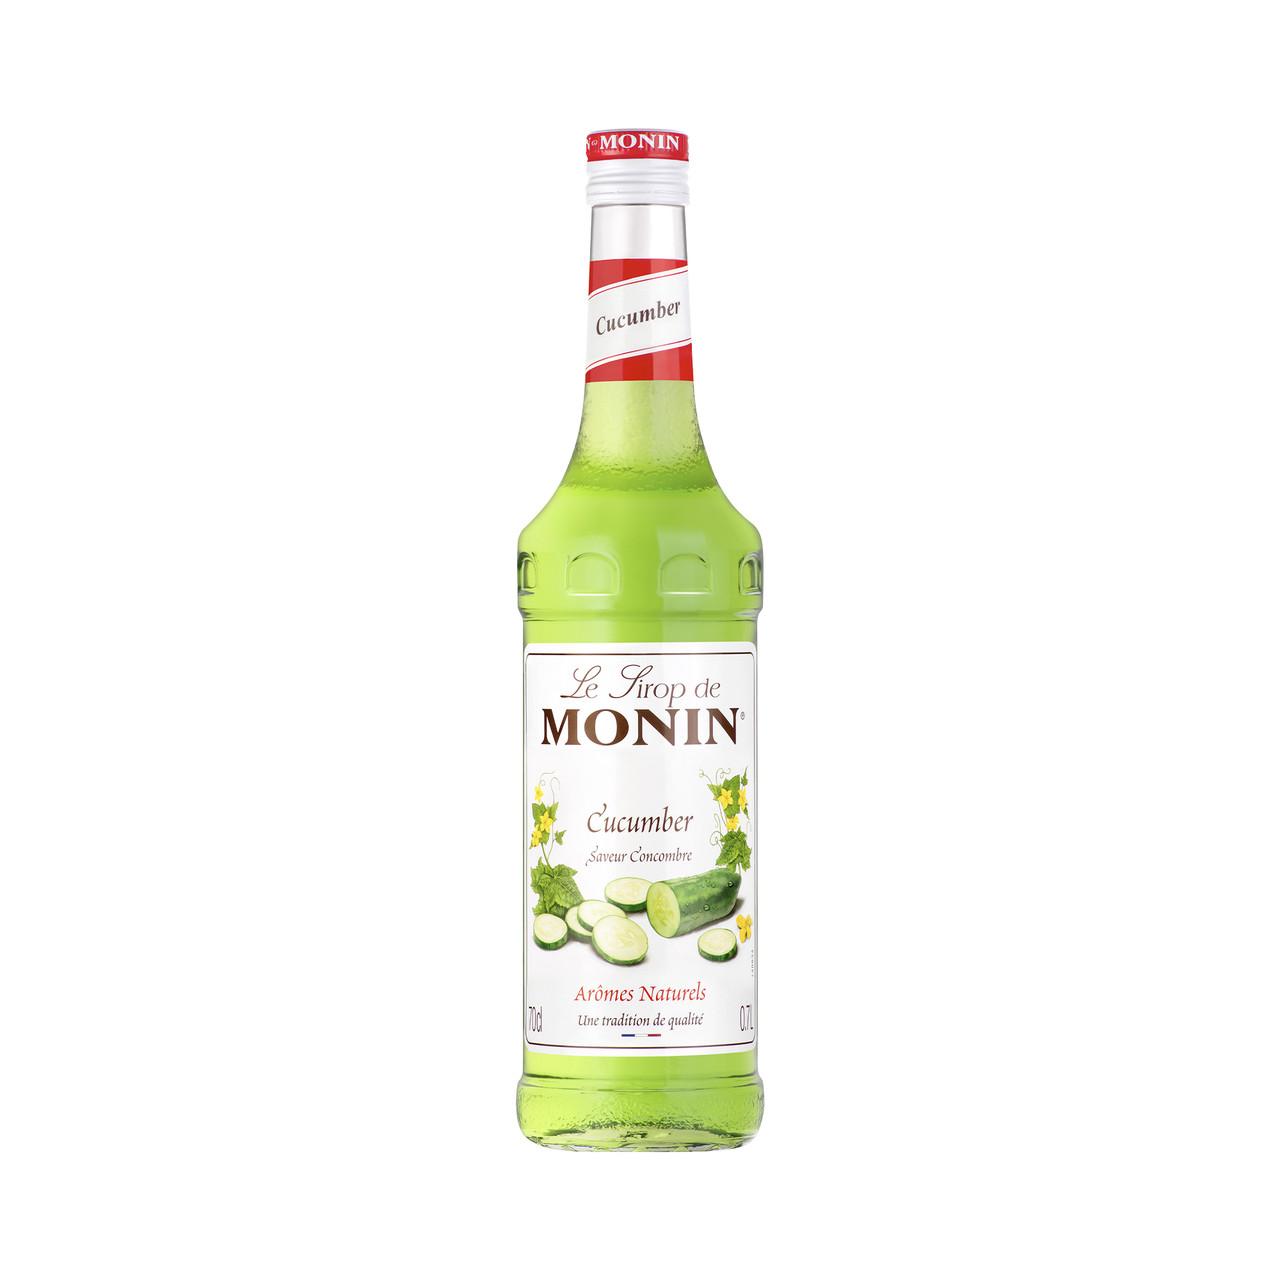 Сироп Monin зі смаком Огірок 0,7 Л